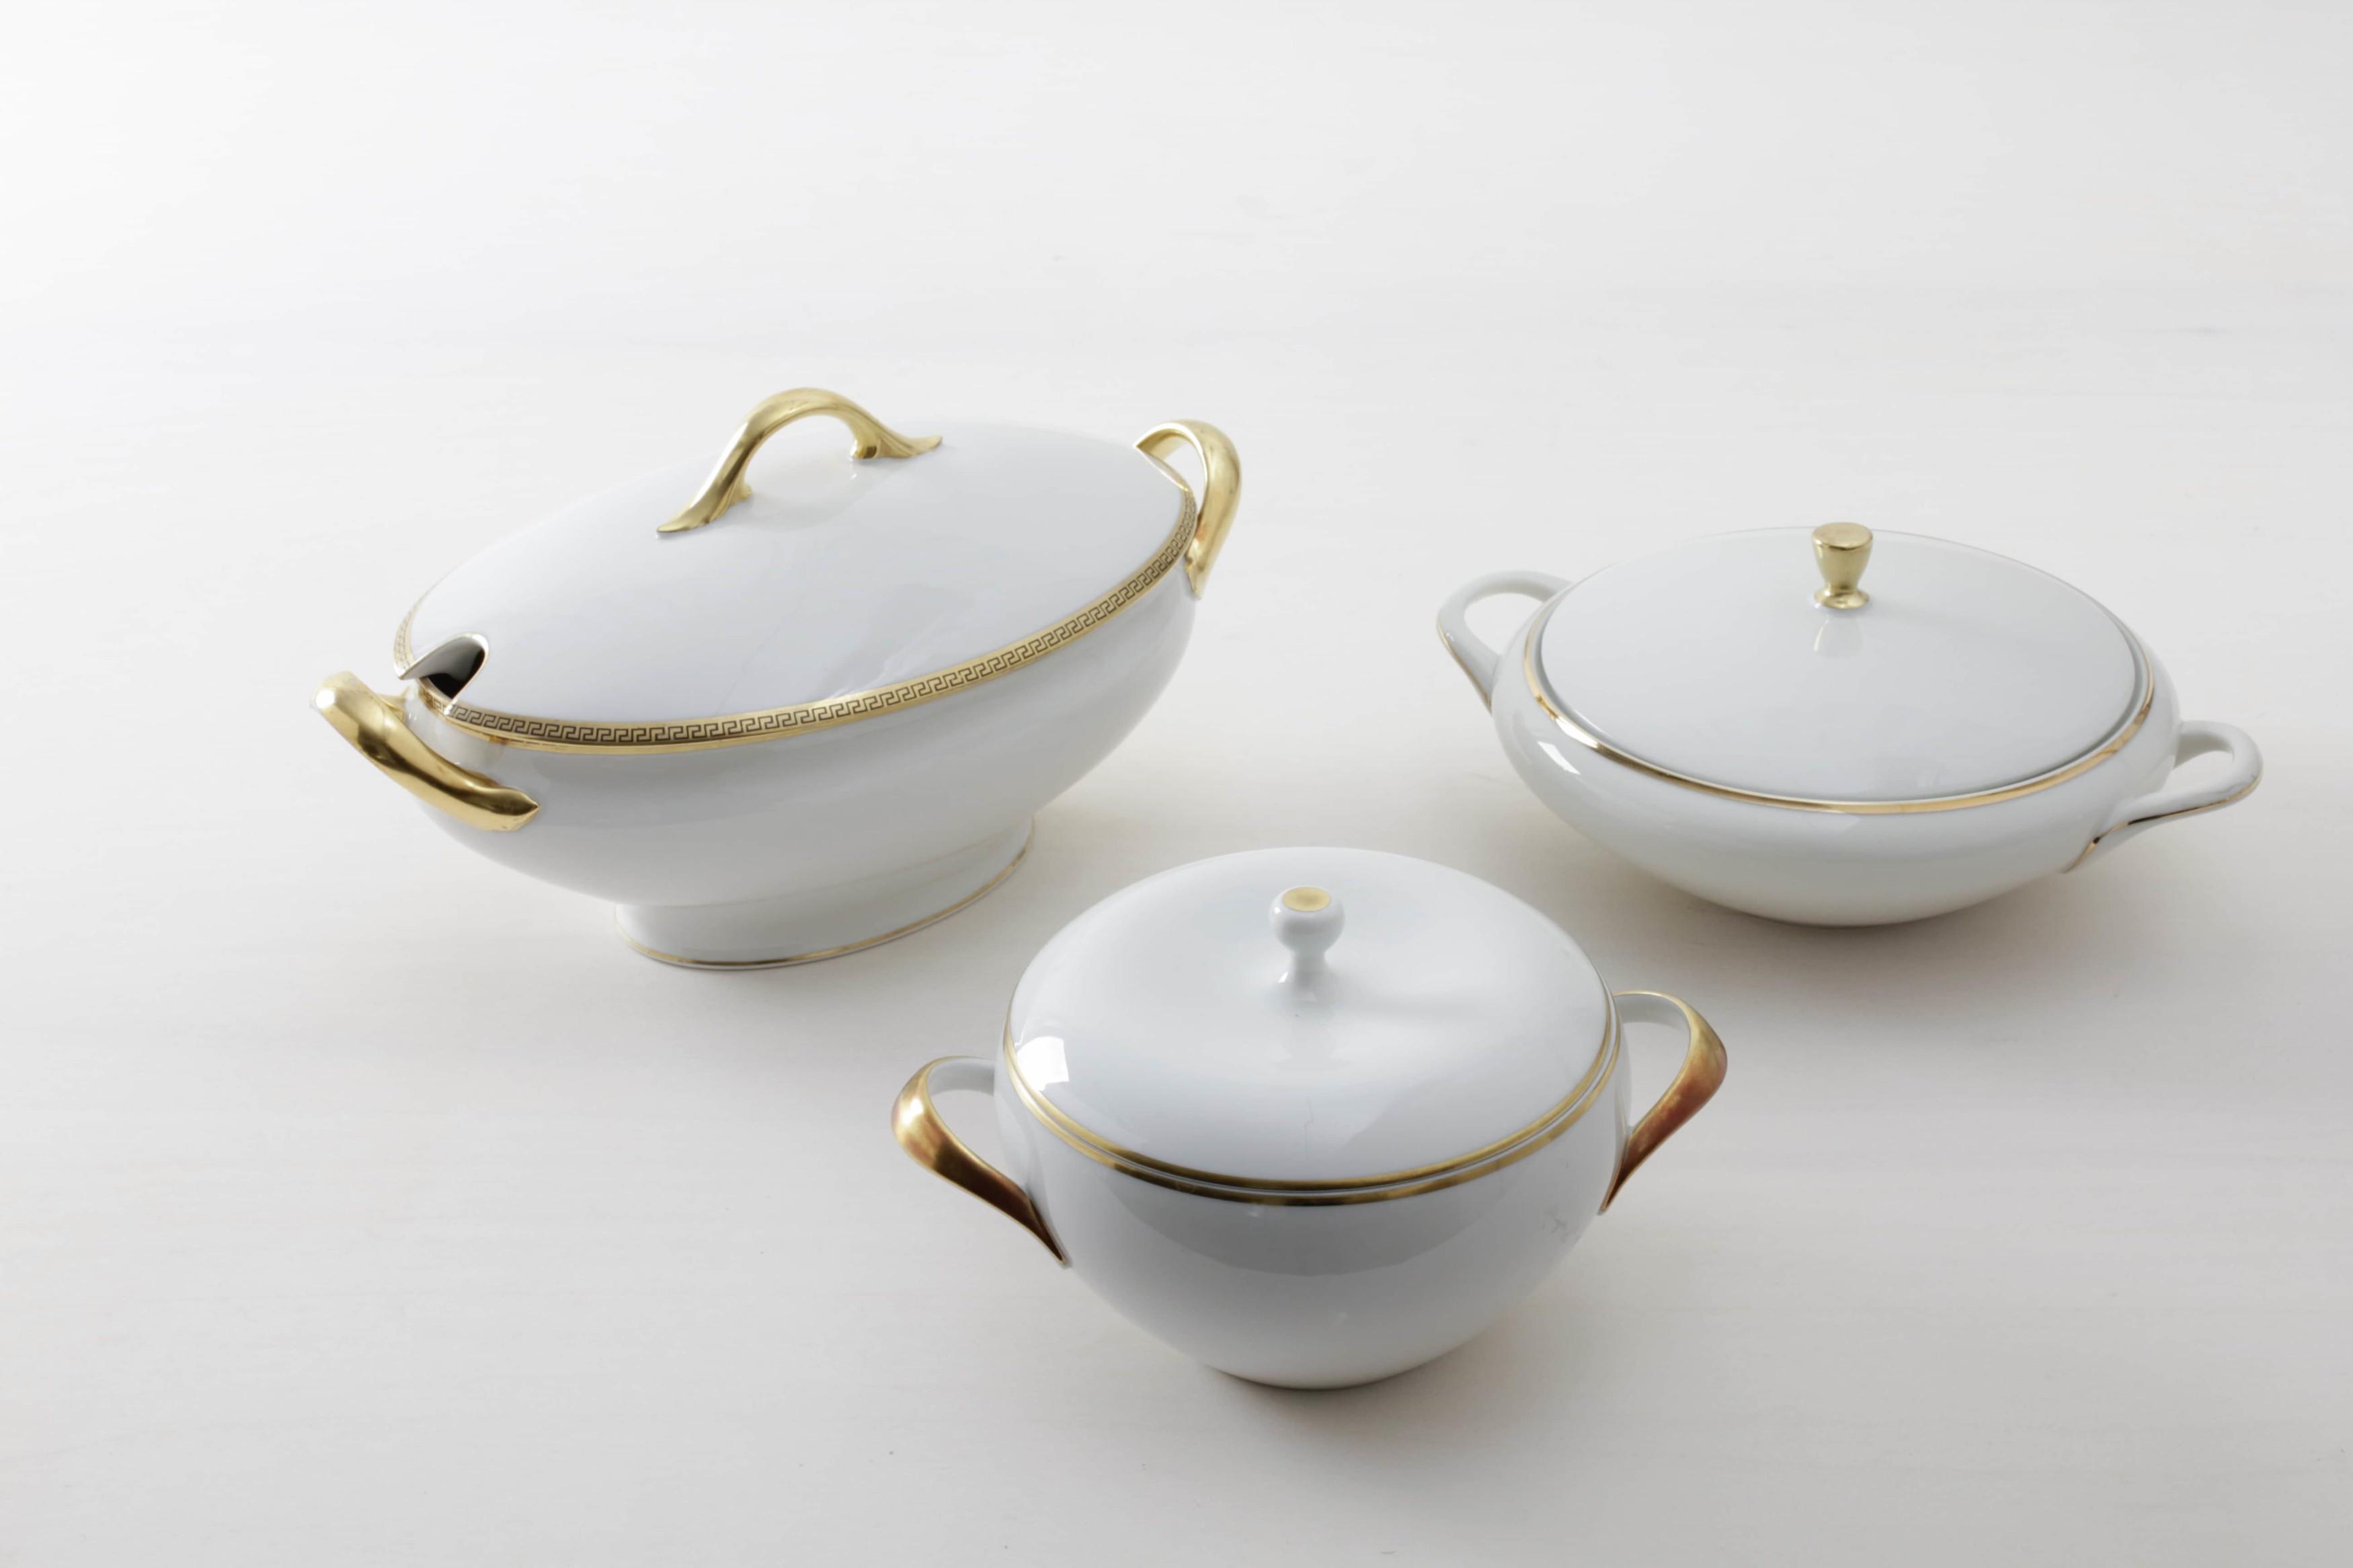 Vintage gold rimmed tableware, tableware rental Berlin